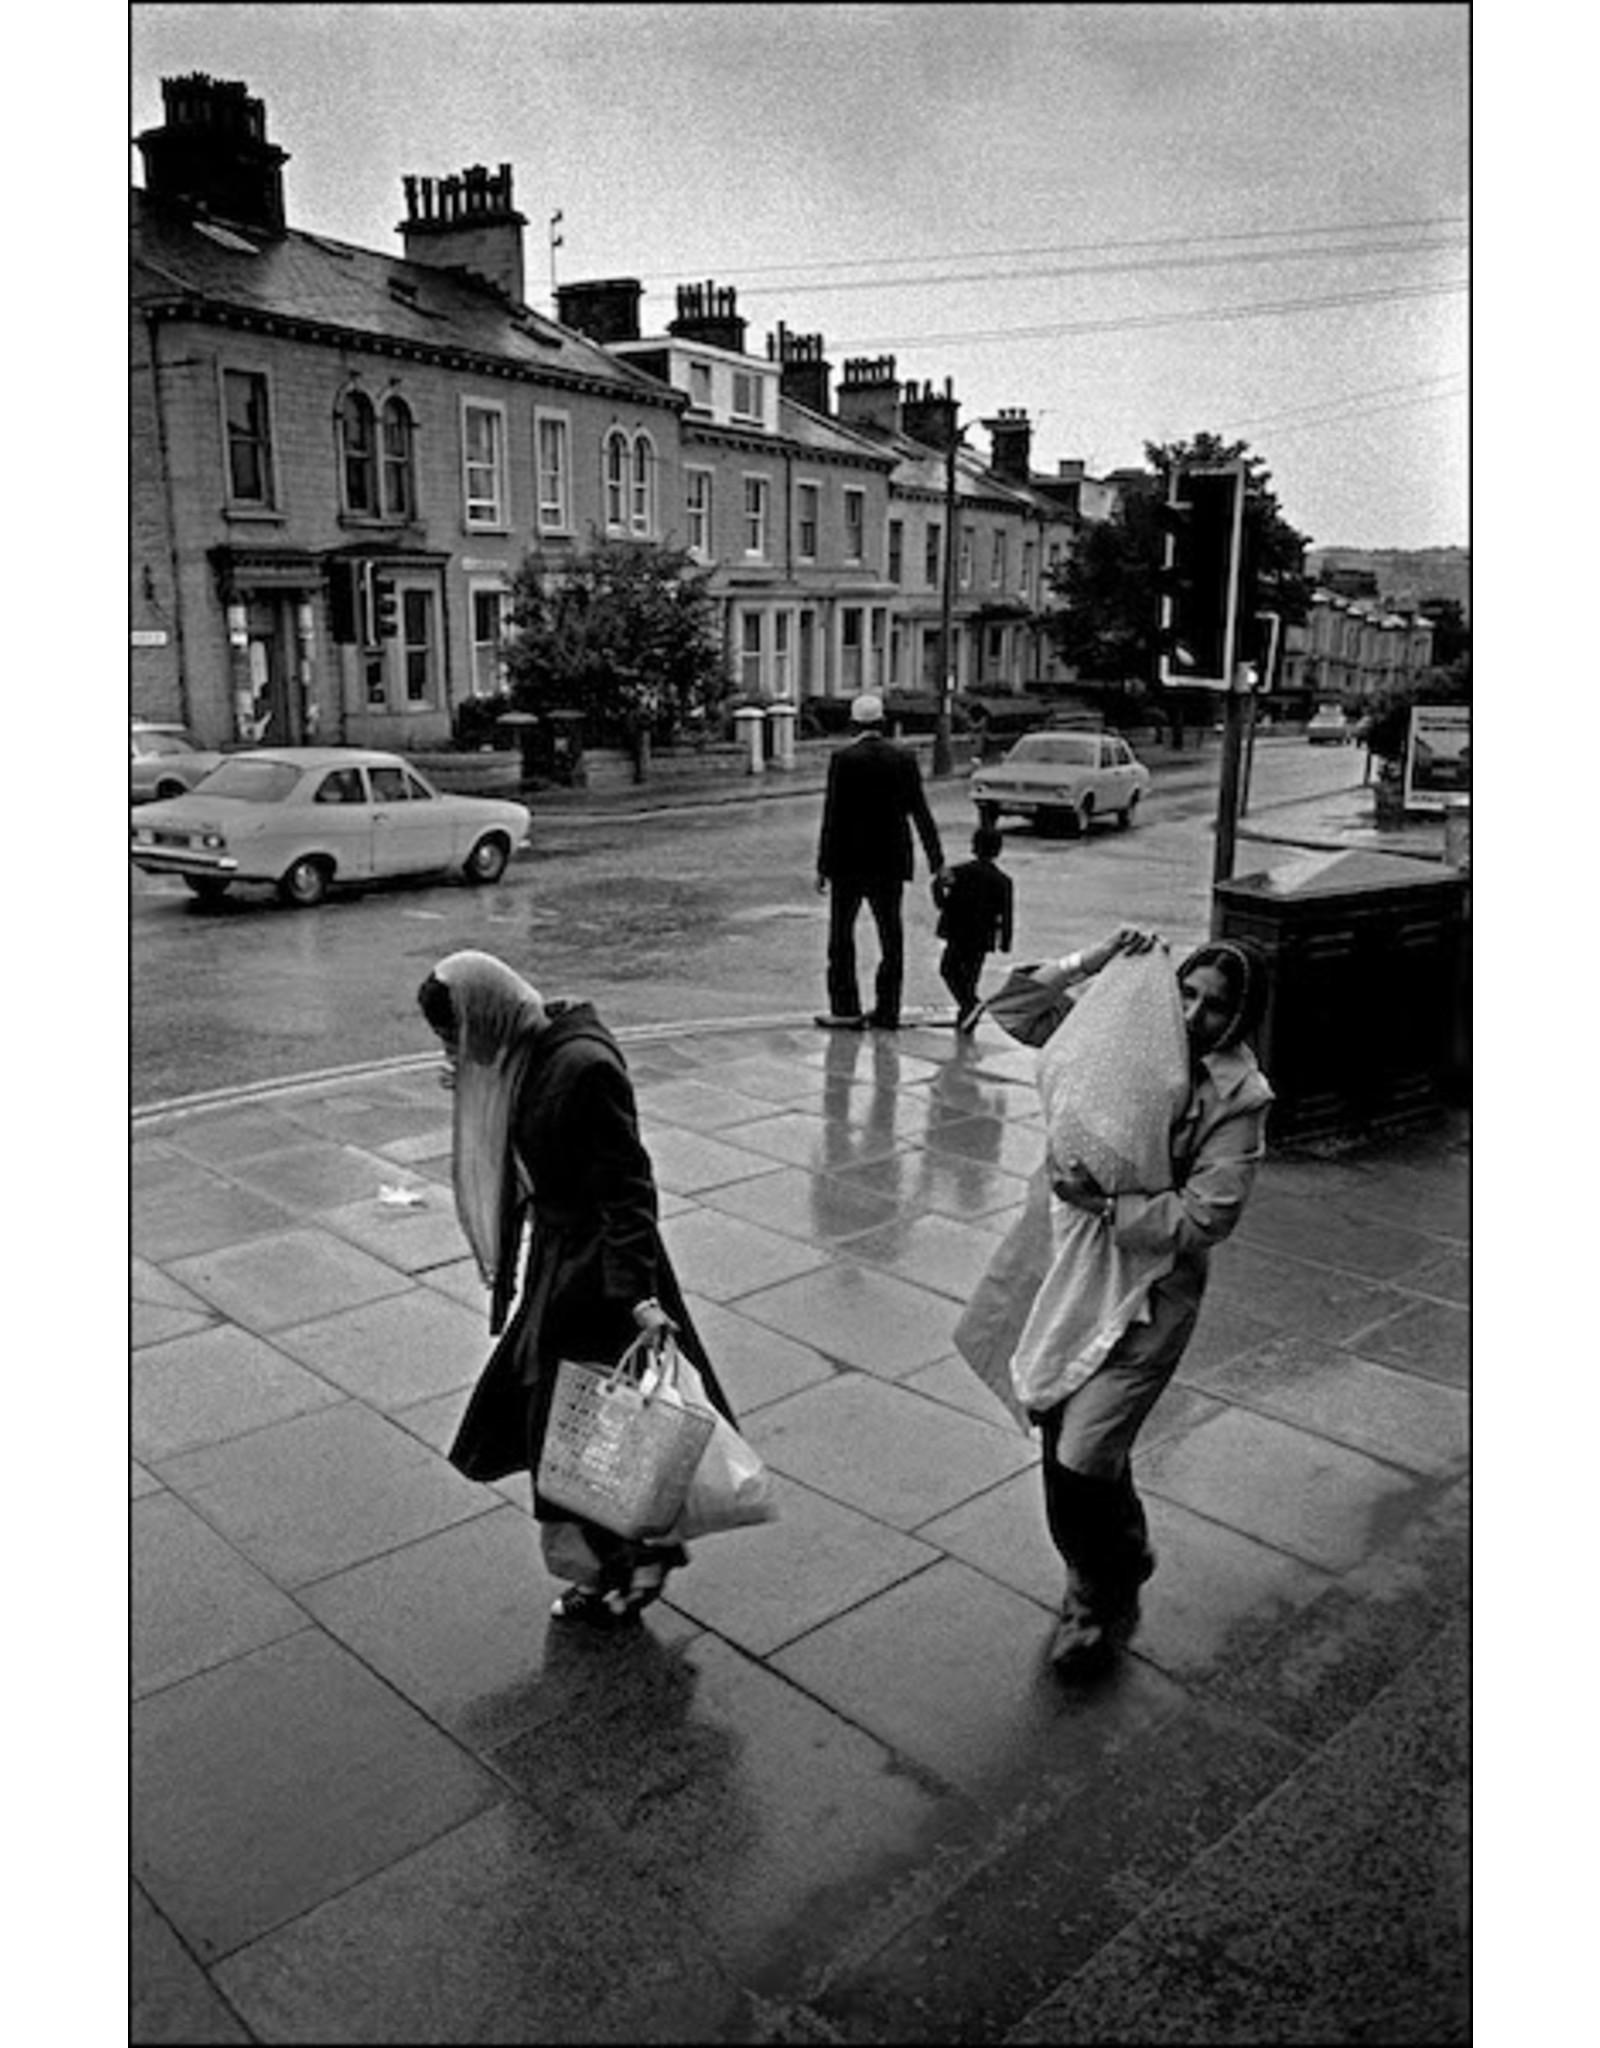 Ian Berry Two Asian Women in the Rain, Bradford. Ian Berry (19)